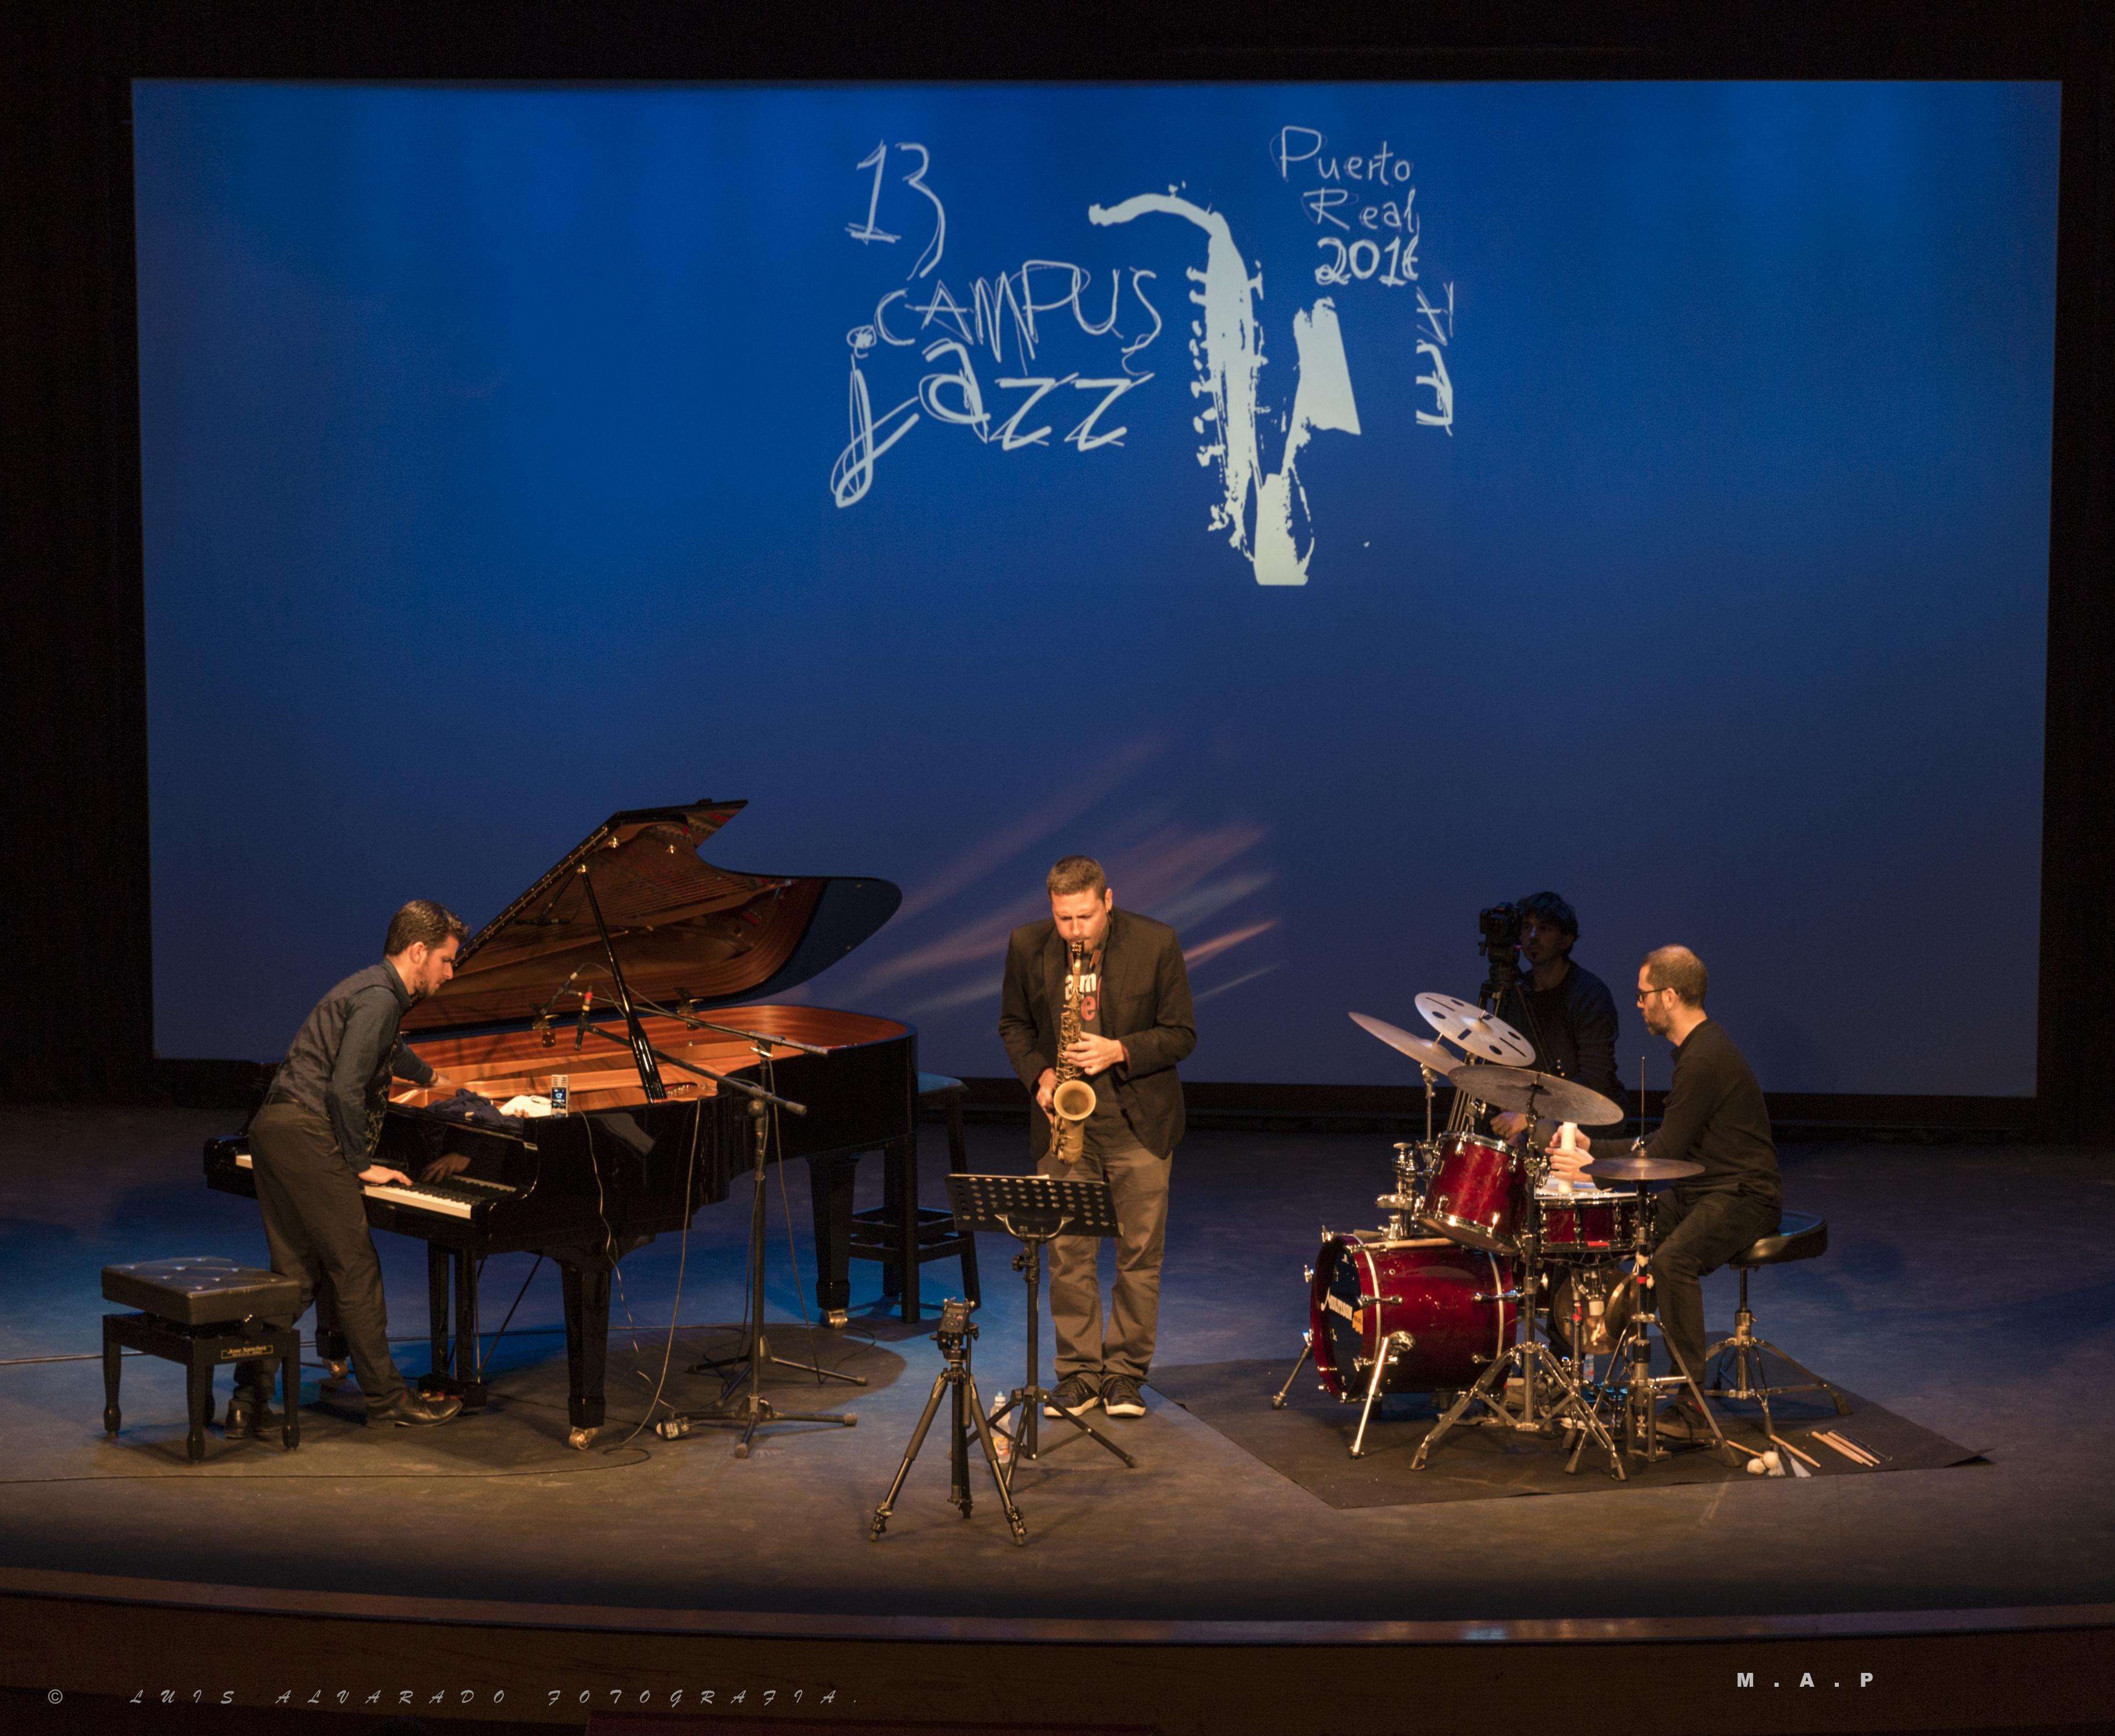 La Universidad de Salamanca y el Centro Nacional de Difusión Musical presentan un nuevo ciclo de jazz